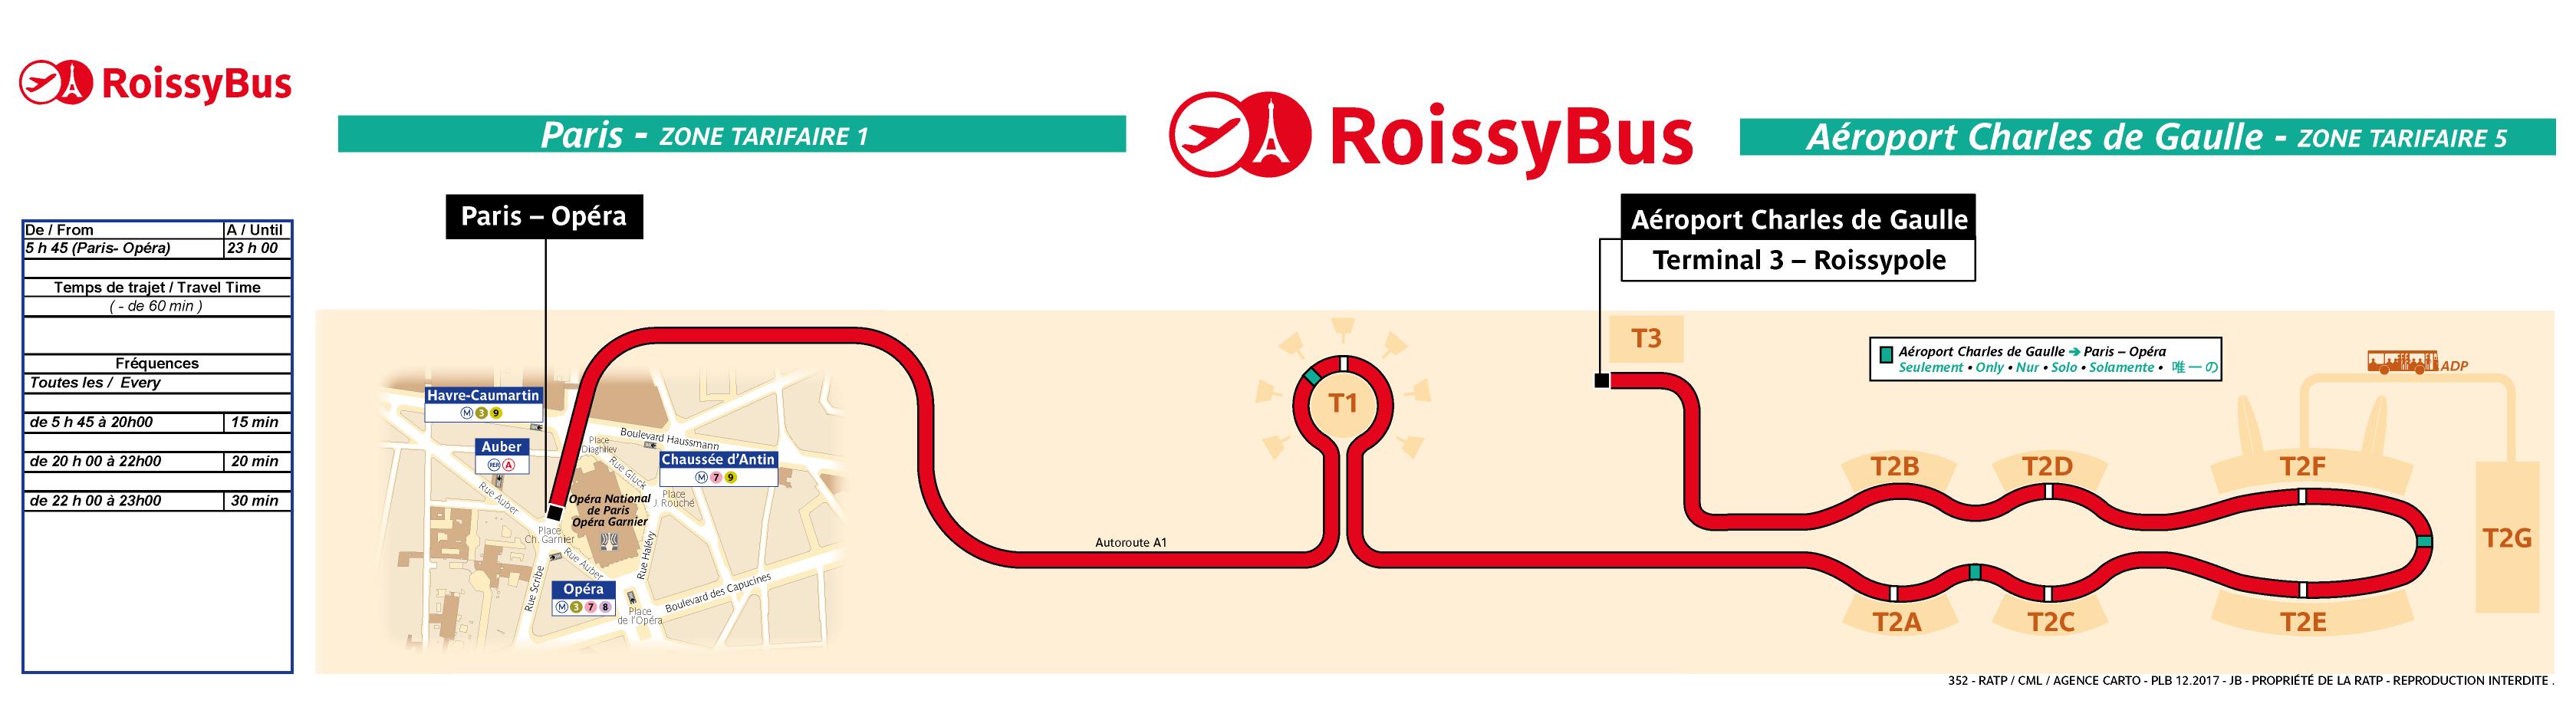 Roissybus.trajet